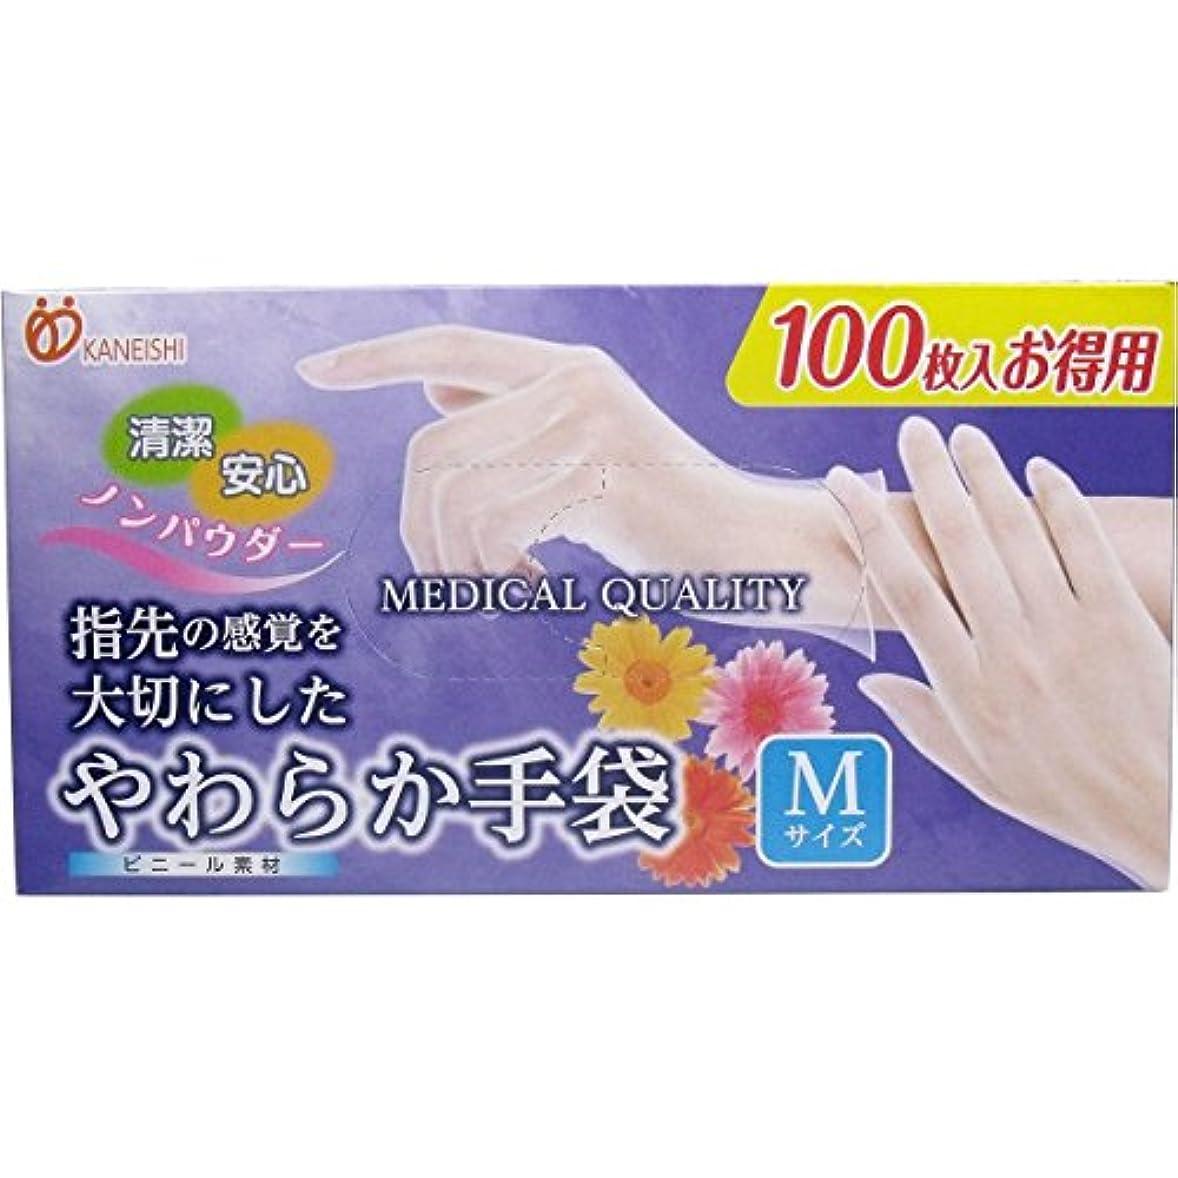 パキスタン人ジョージエリオット対話やわらか手袋 ビニール素材 Mサイズ 100枚入x4